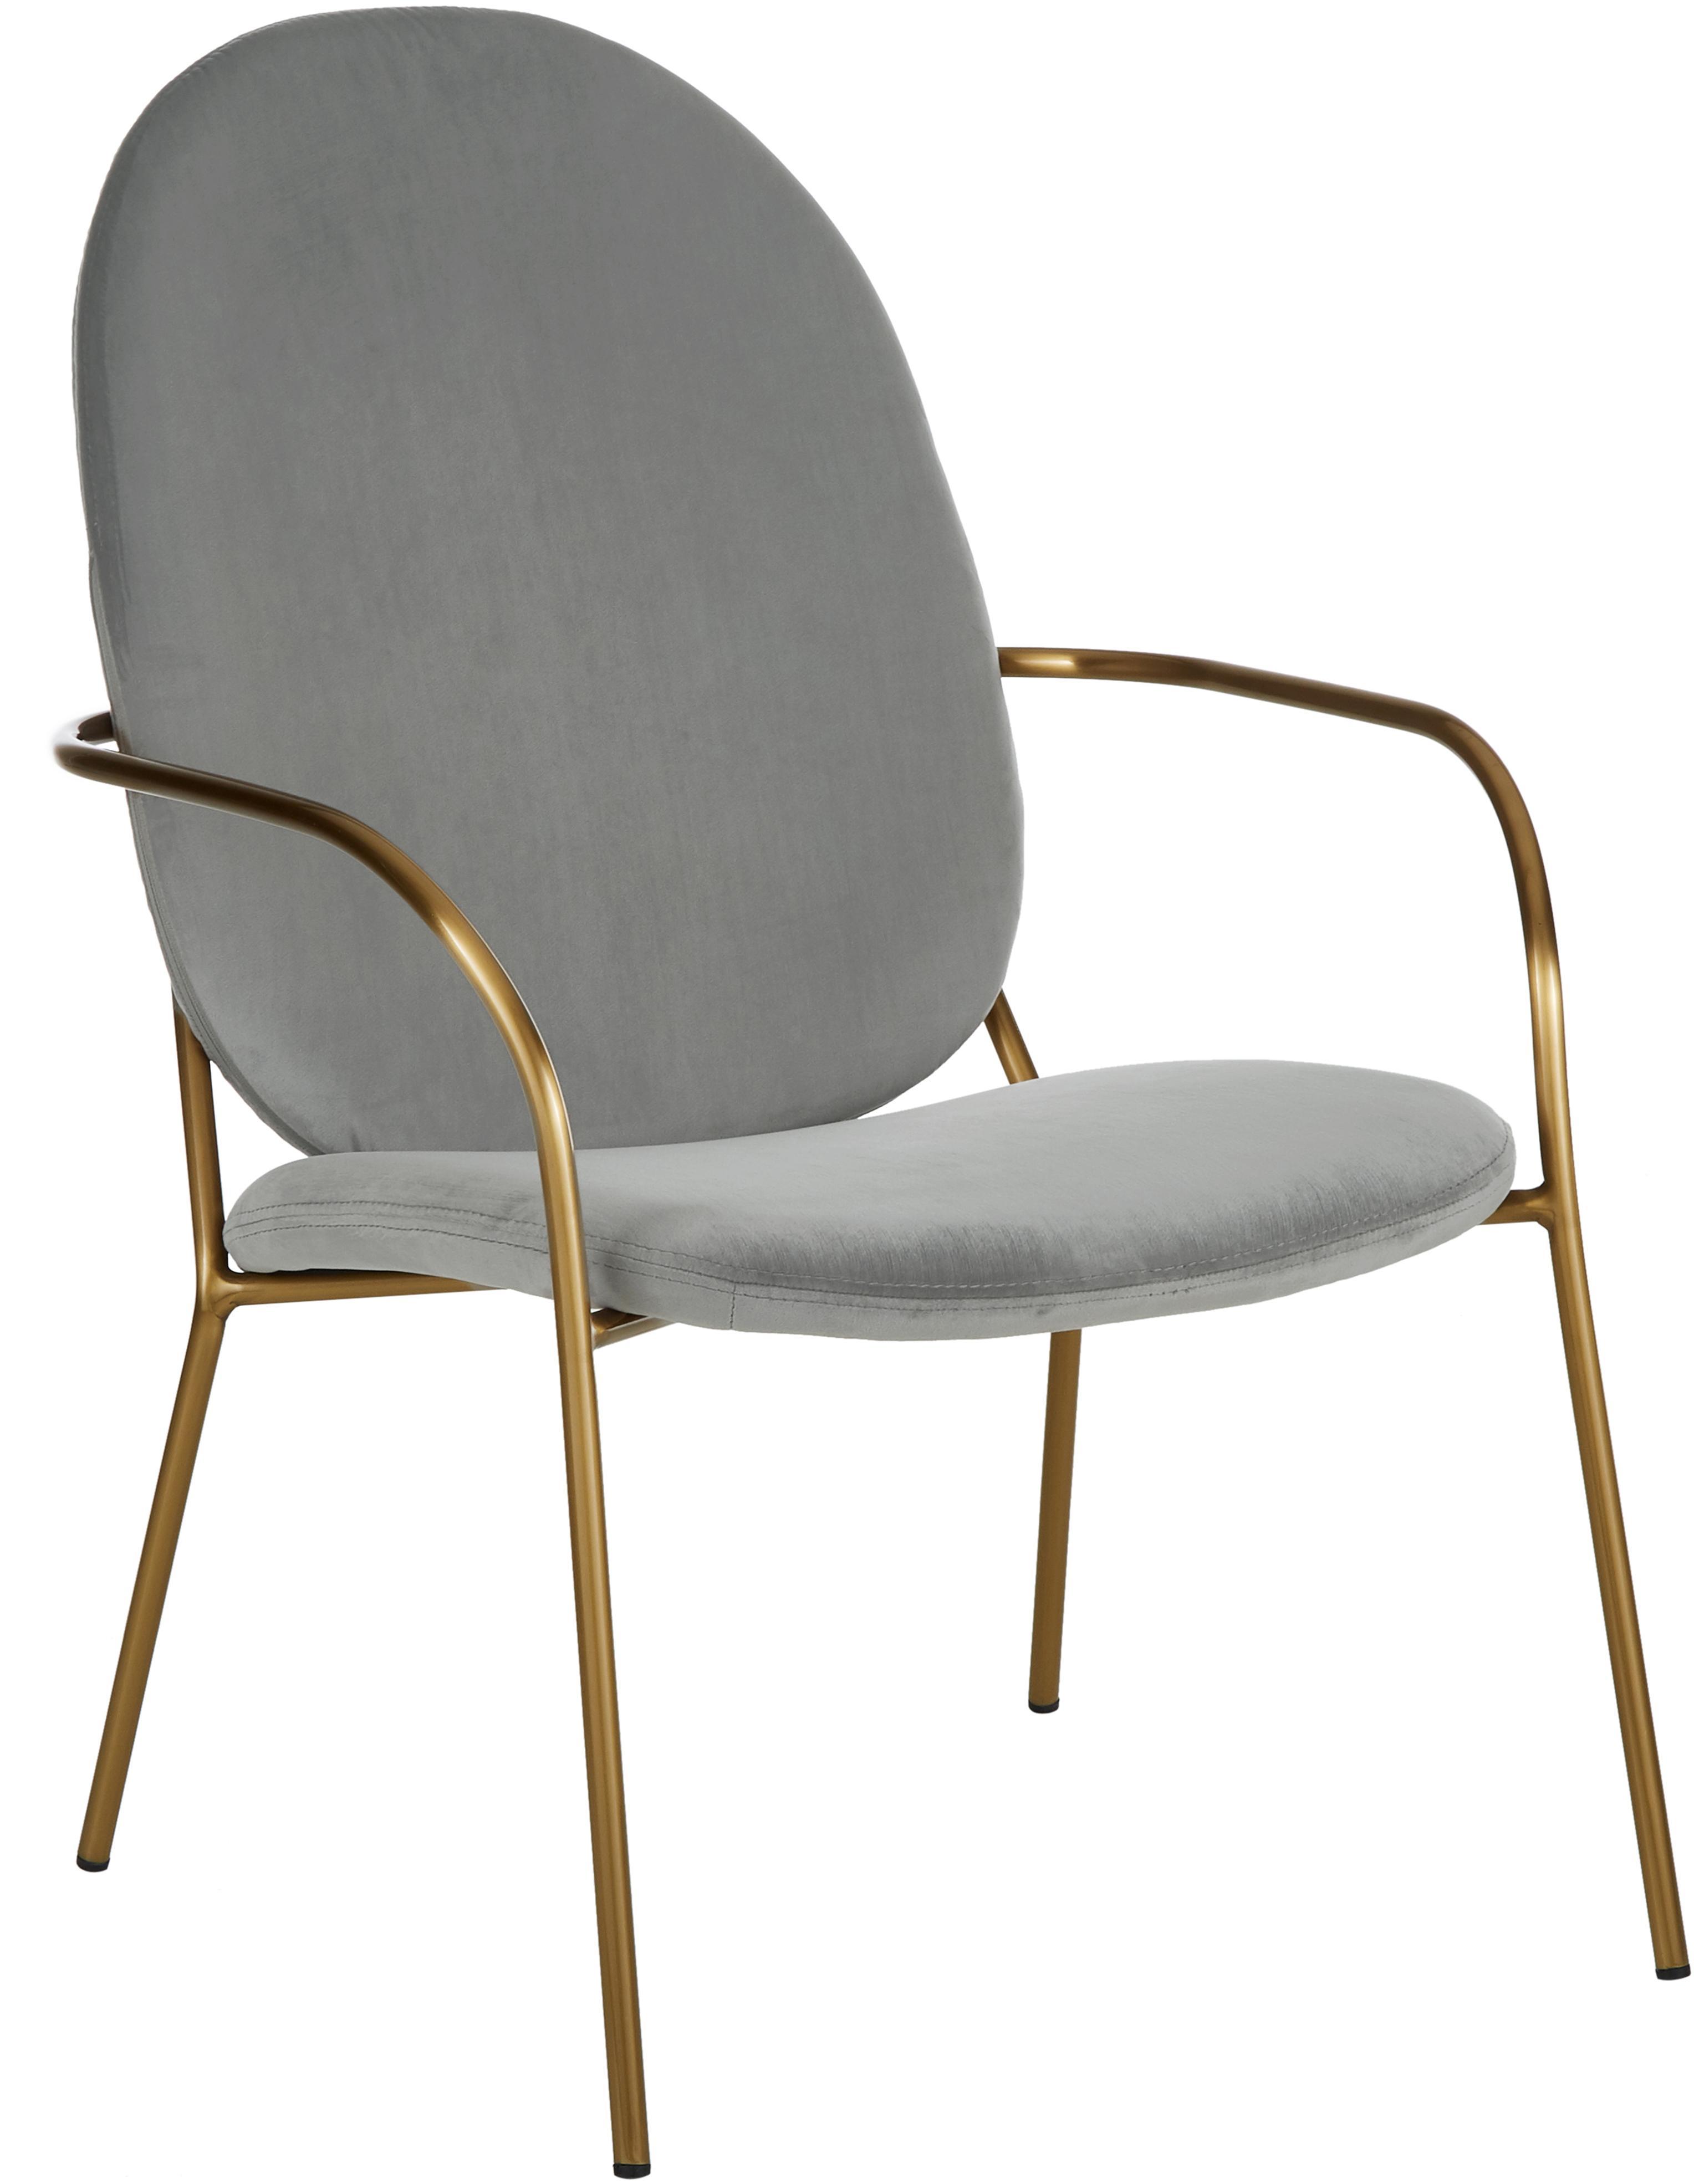 Sedia a poltrona in velluto Mary, Rivestimento: velluto (poliestere) 15.0, Struttura: metallo rivestito, Velluto grigio, Larg. 63 x Prof. 73 cm